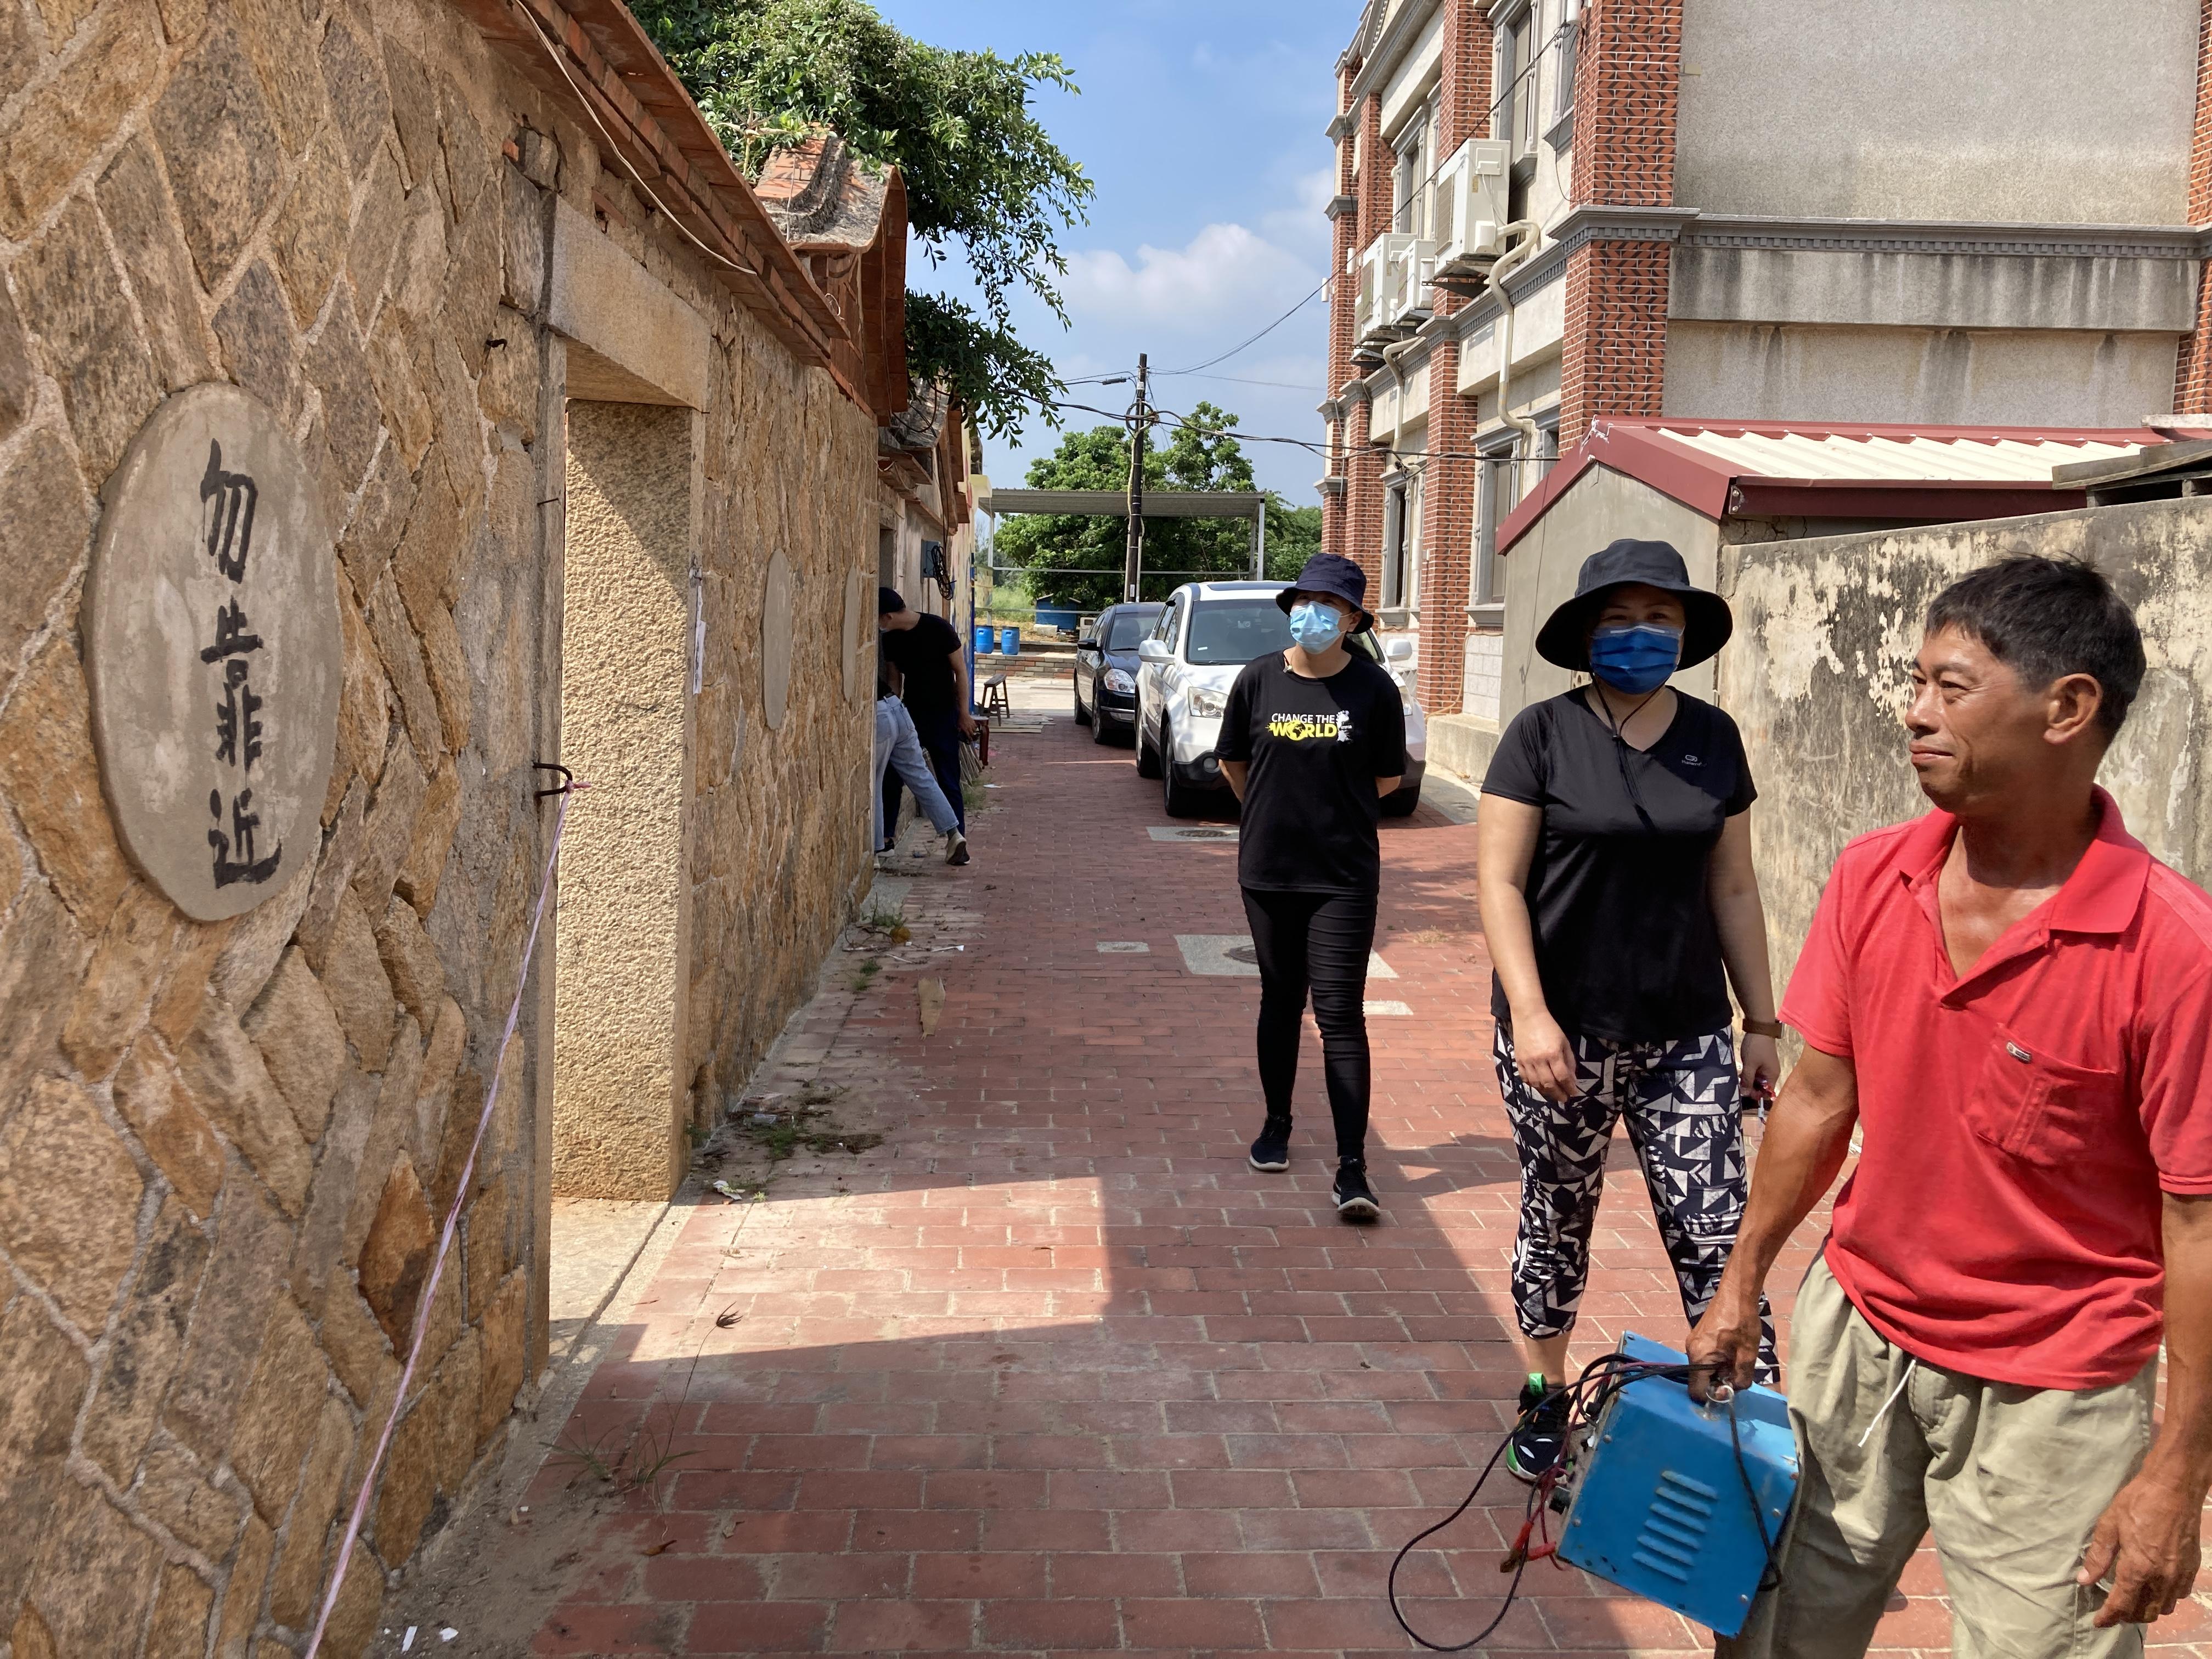 (圖六:大洋社區的伯伯帶著我們一行人參觀社區內的閩式建築/攝影:宗洧)